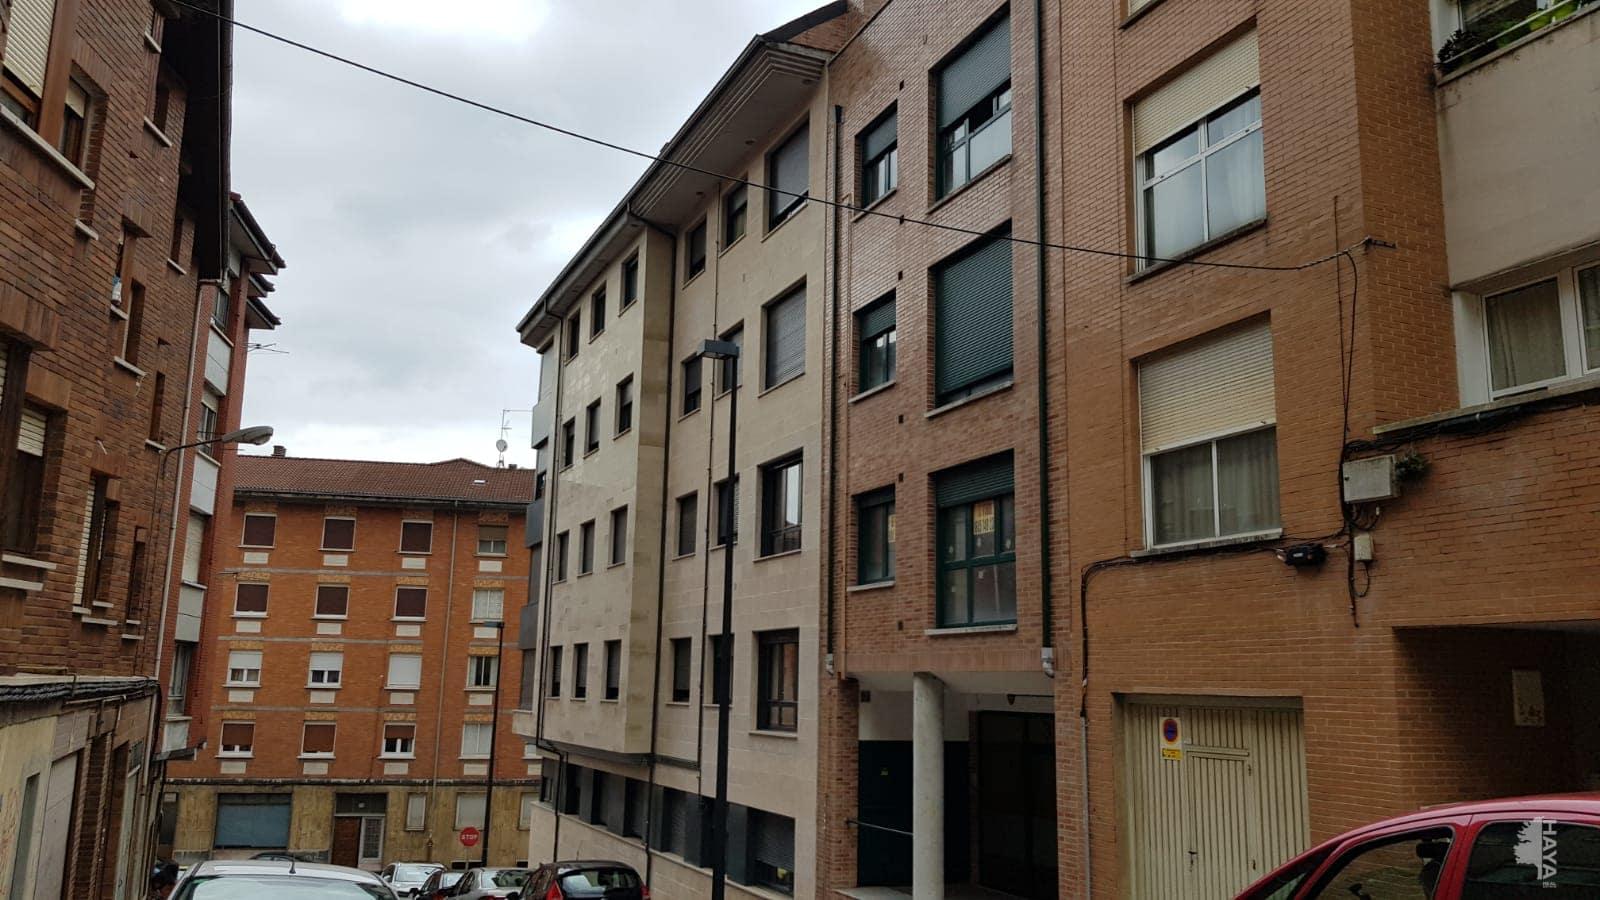 Piso en venta en Lena, Asturias, Calle Monte Ablanedo, 119.000 €, 3 habitaciones, 1 baño, 123 m2